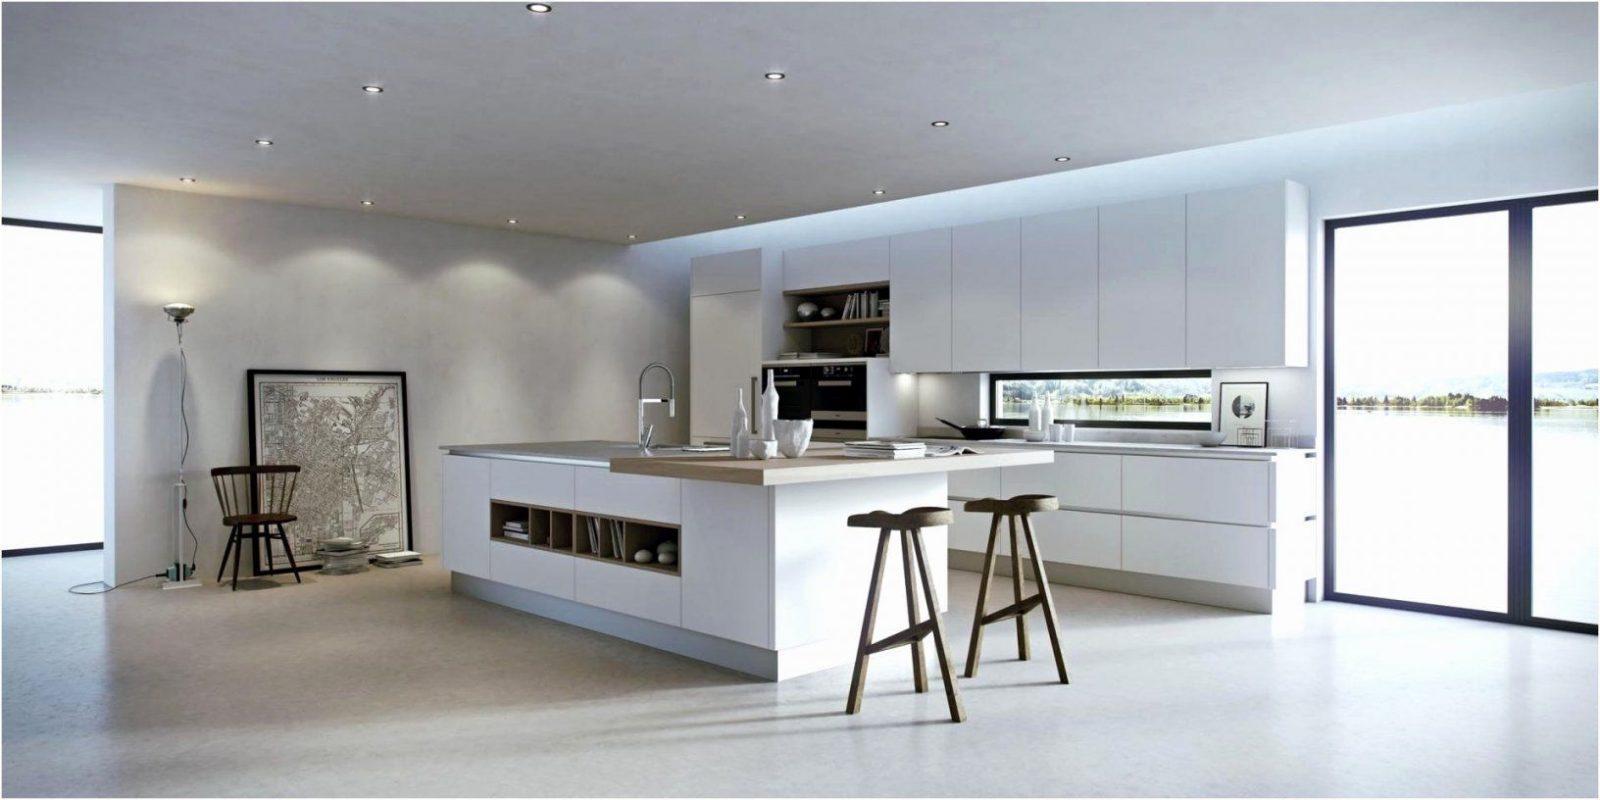 Nonsuch Moderne Küche Mit Kochinsel Und Esszimmer Auf Kuche Mit Von Luxus  Küche Mit Kochinsel Photo